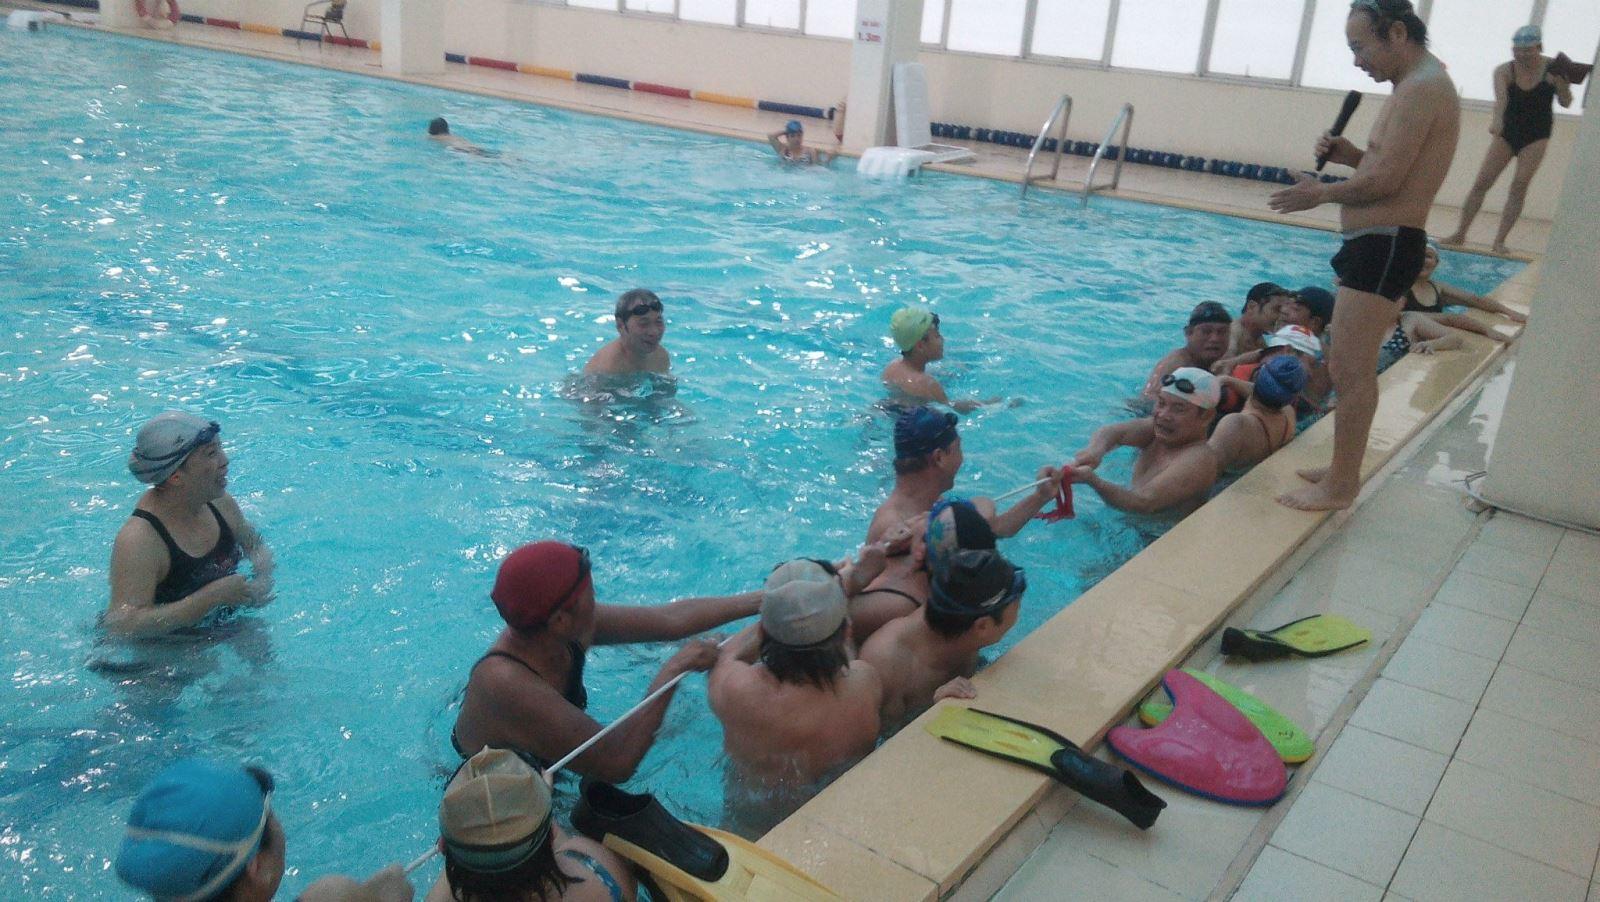 Giấy phép hoạt động xây dựng bể bơi kinh doanh